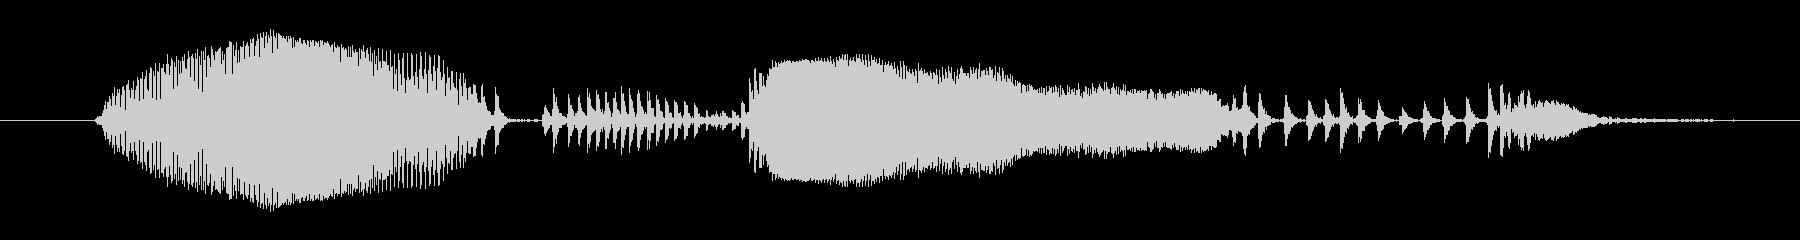 鳴き声 女性のうめき声04の未再生の波形